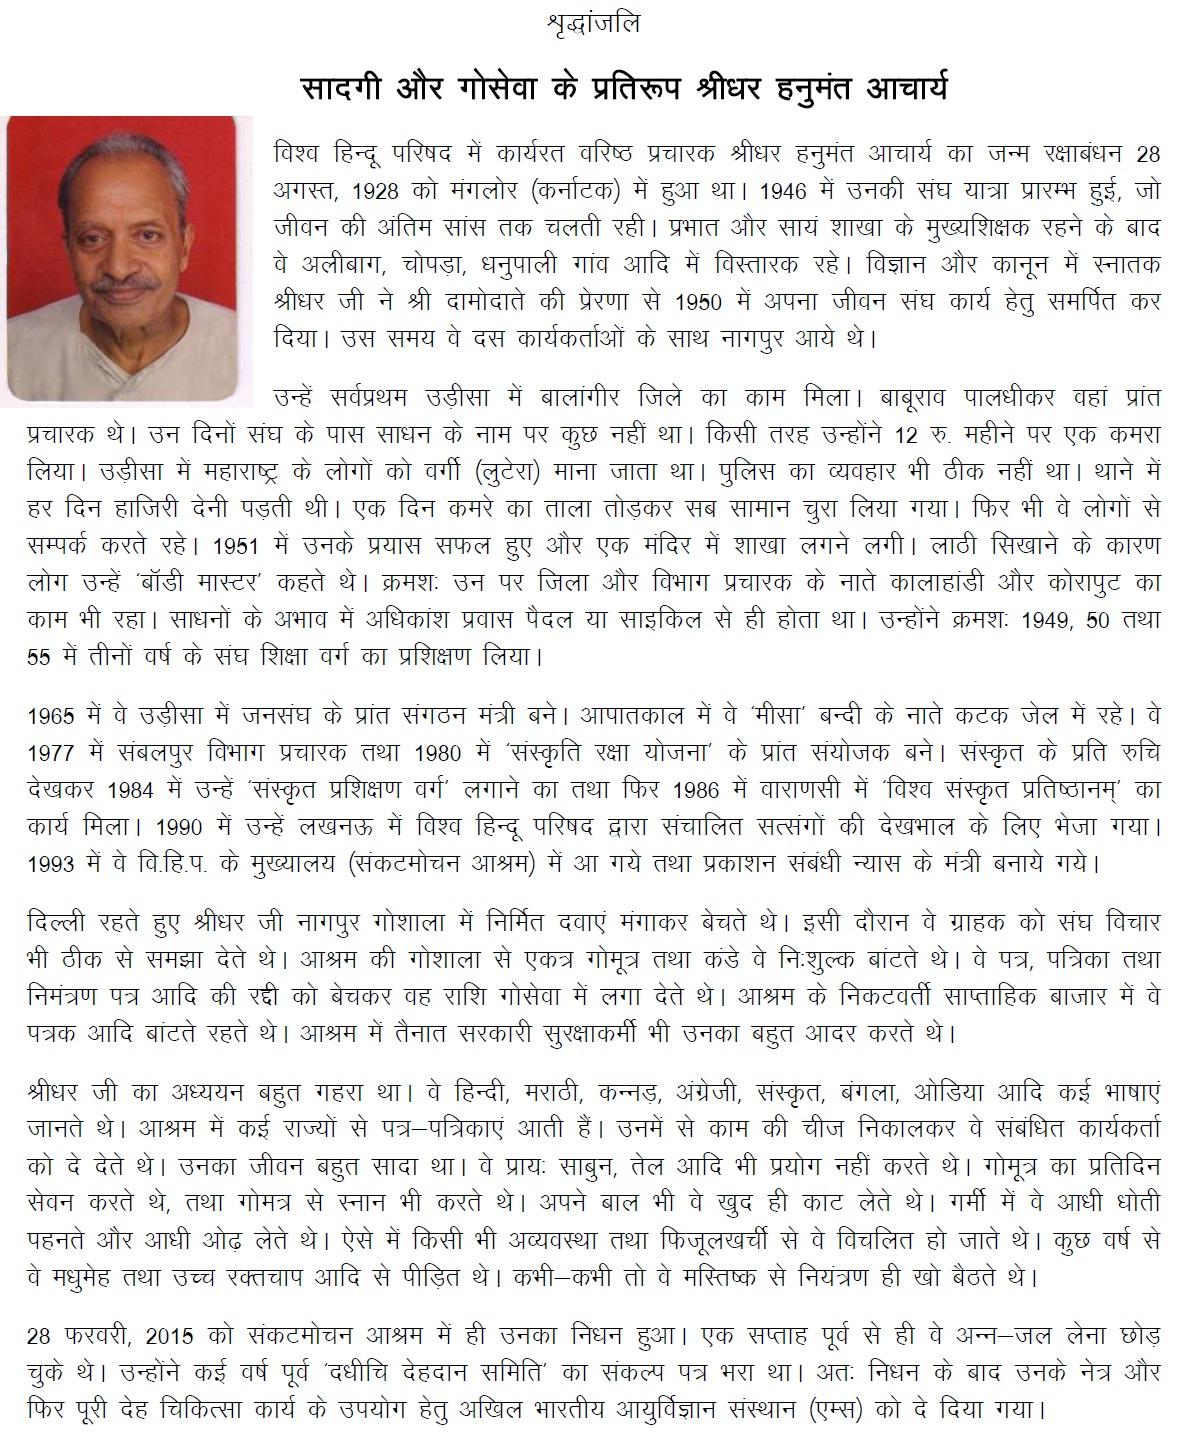 Sridhar Acharya expired